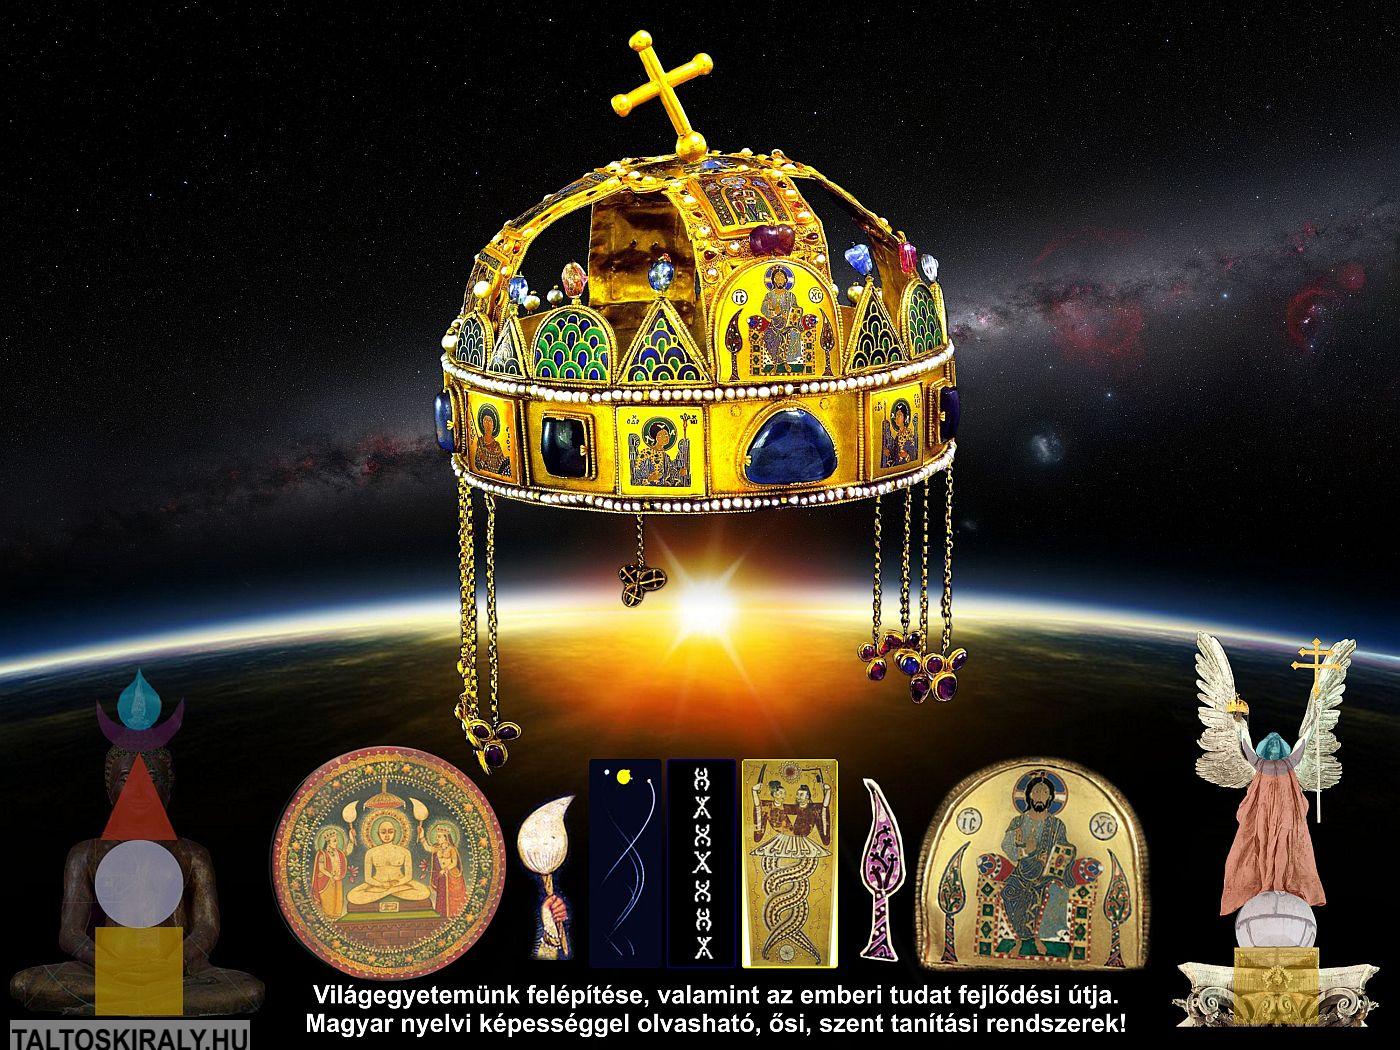 Táltos hitvilág szent világkép kozmológia és világmodell